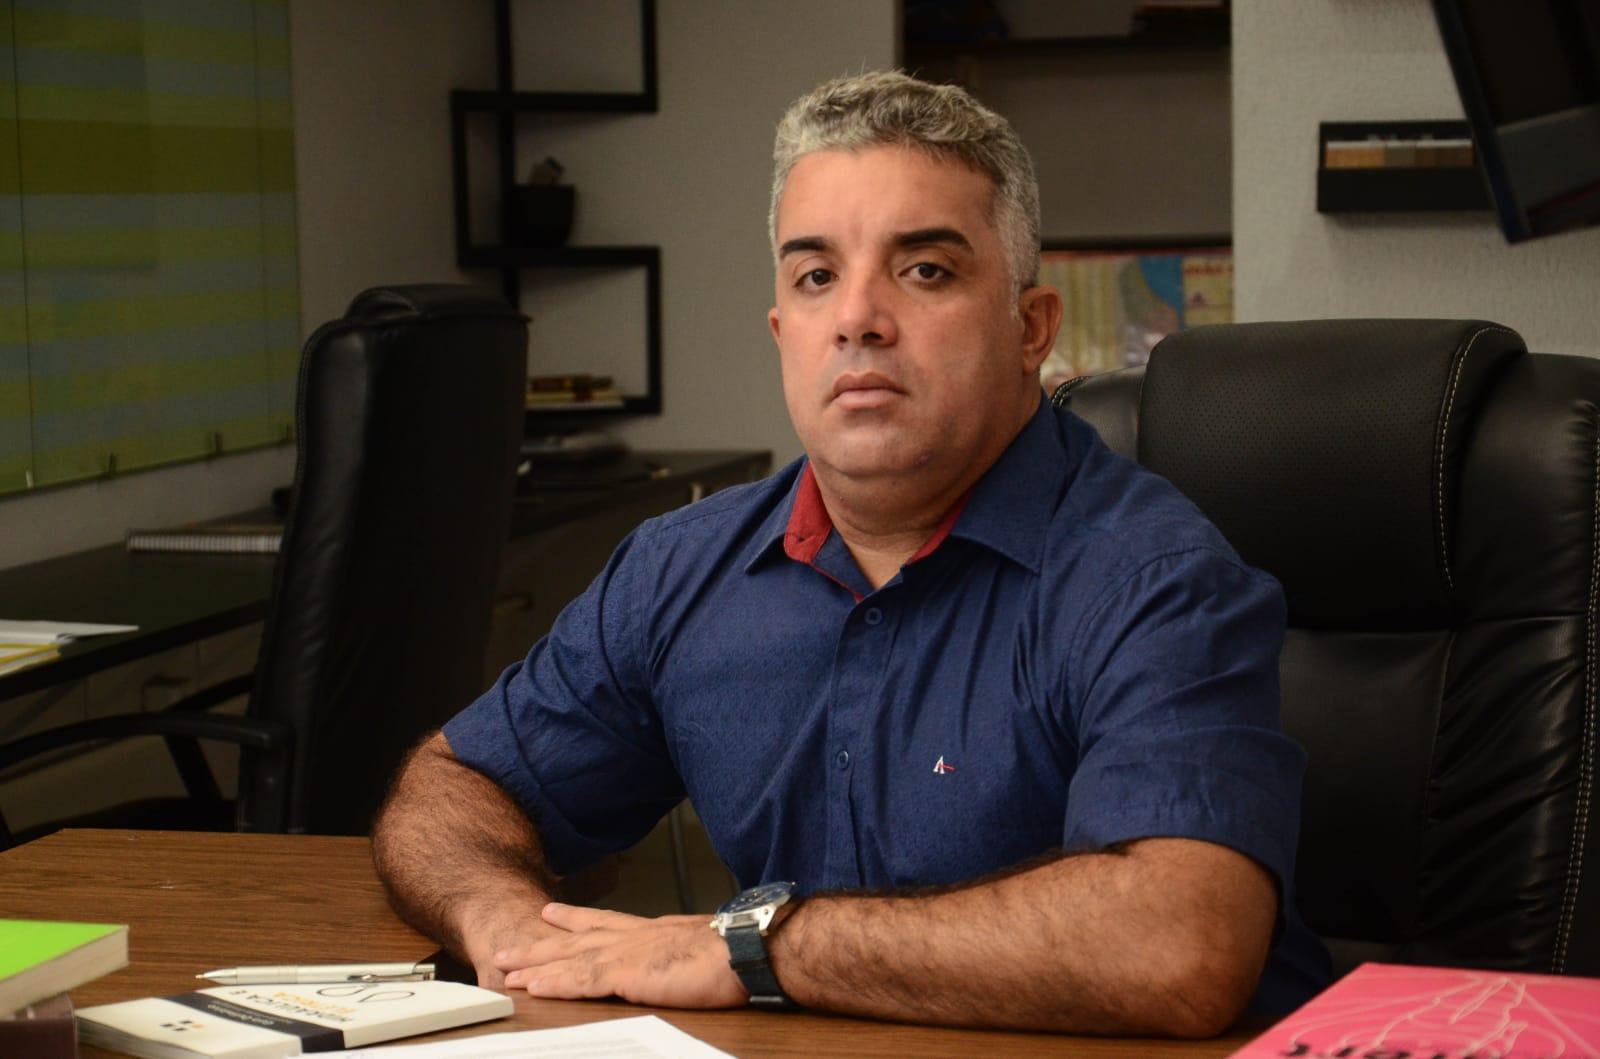 gugaa - IMAGENS FORTES: Candidato a vereador de João Pessoa 'Guga de Jaguaribe' agride e ameaça morador do bairro de Jaguaribe